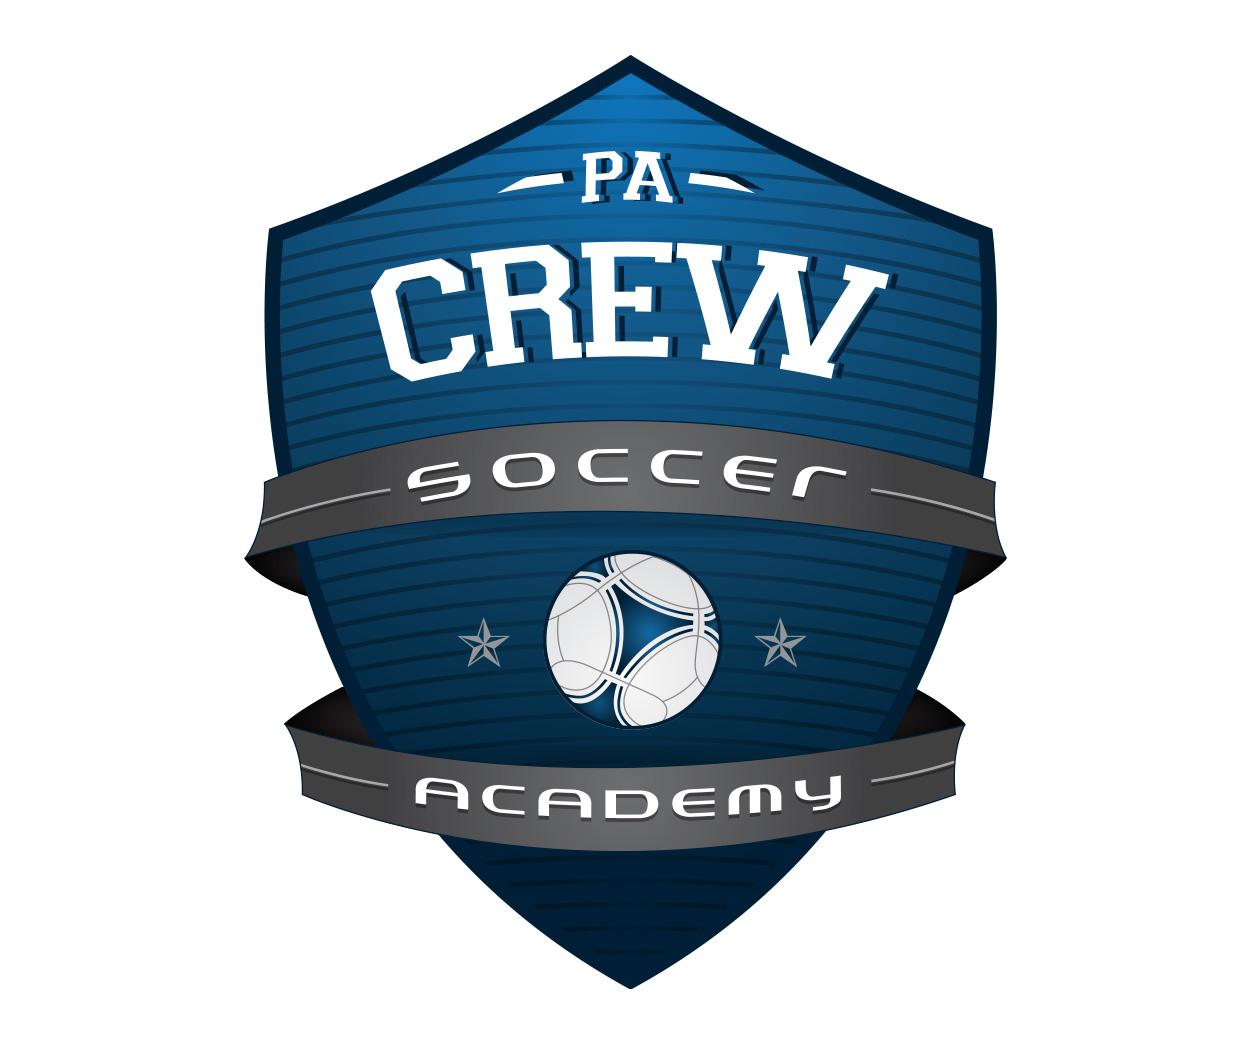 testimonial-for-the-custom-sports-logo-design-for-pa-crew-soccer-by-jordan-fretz.jpg